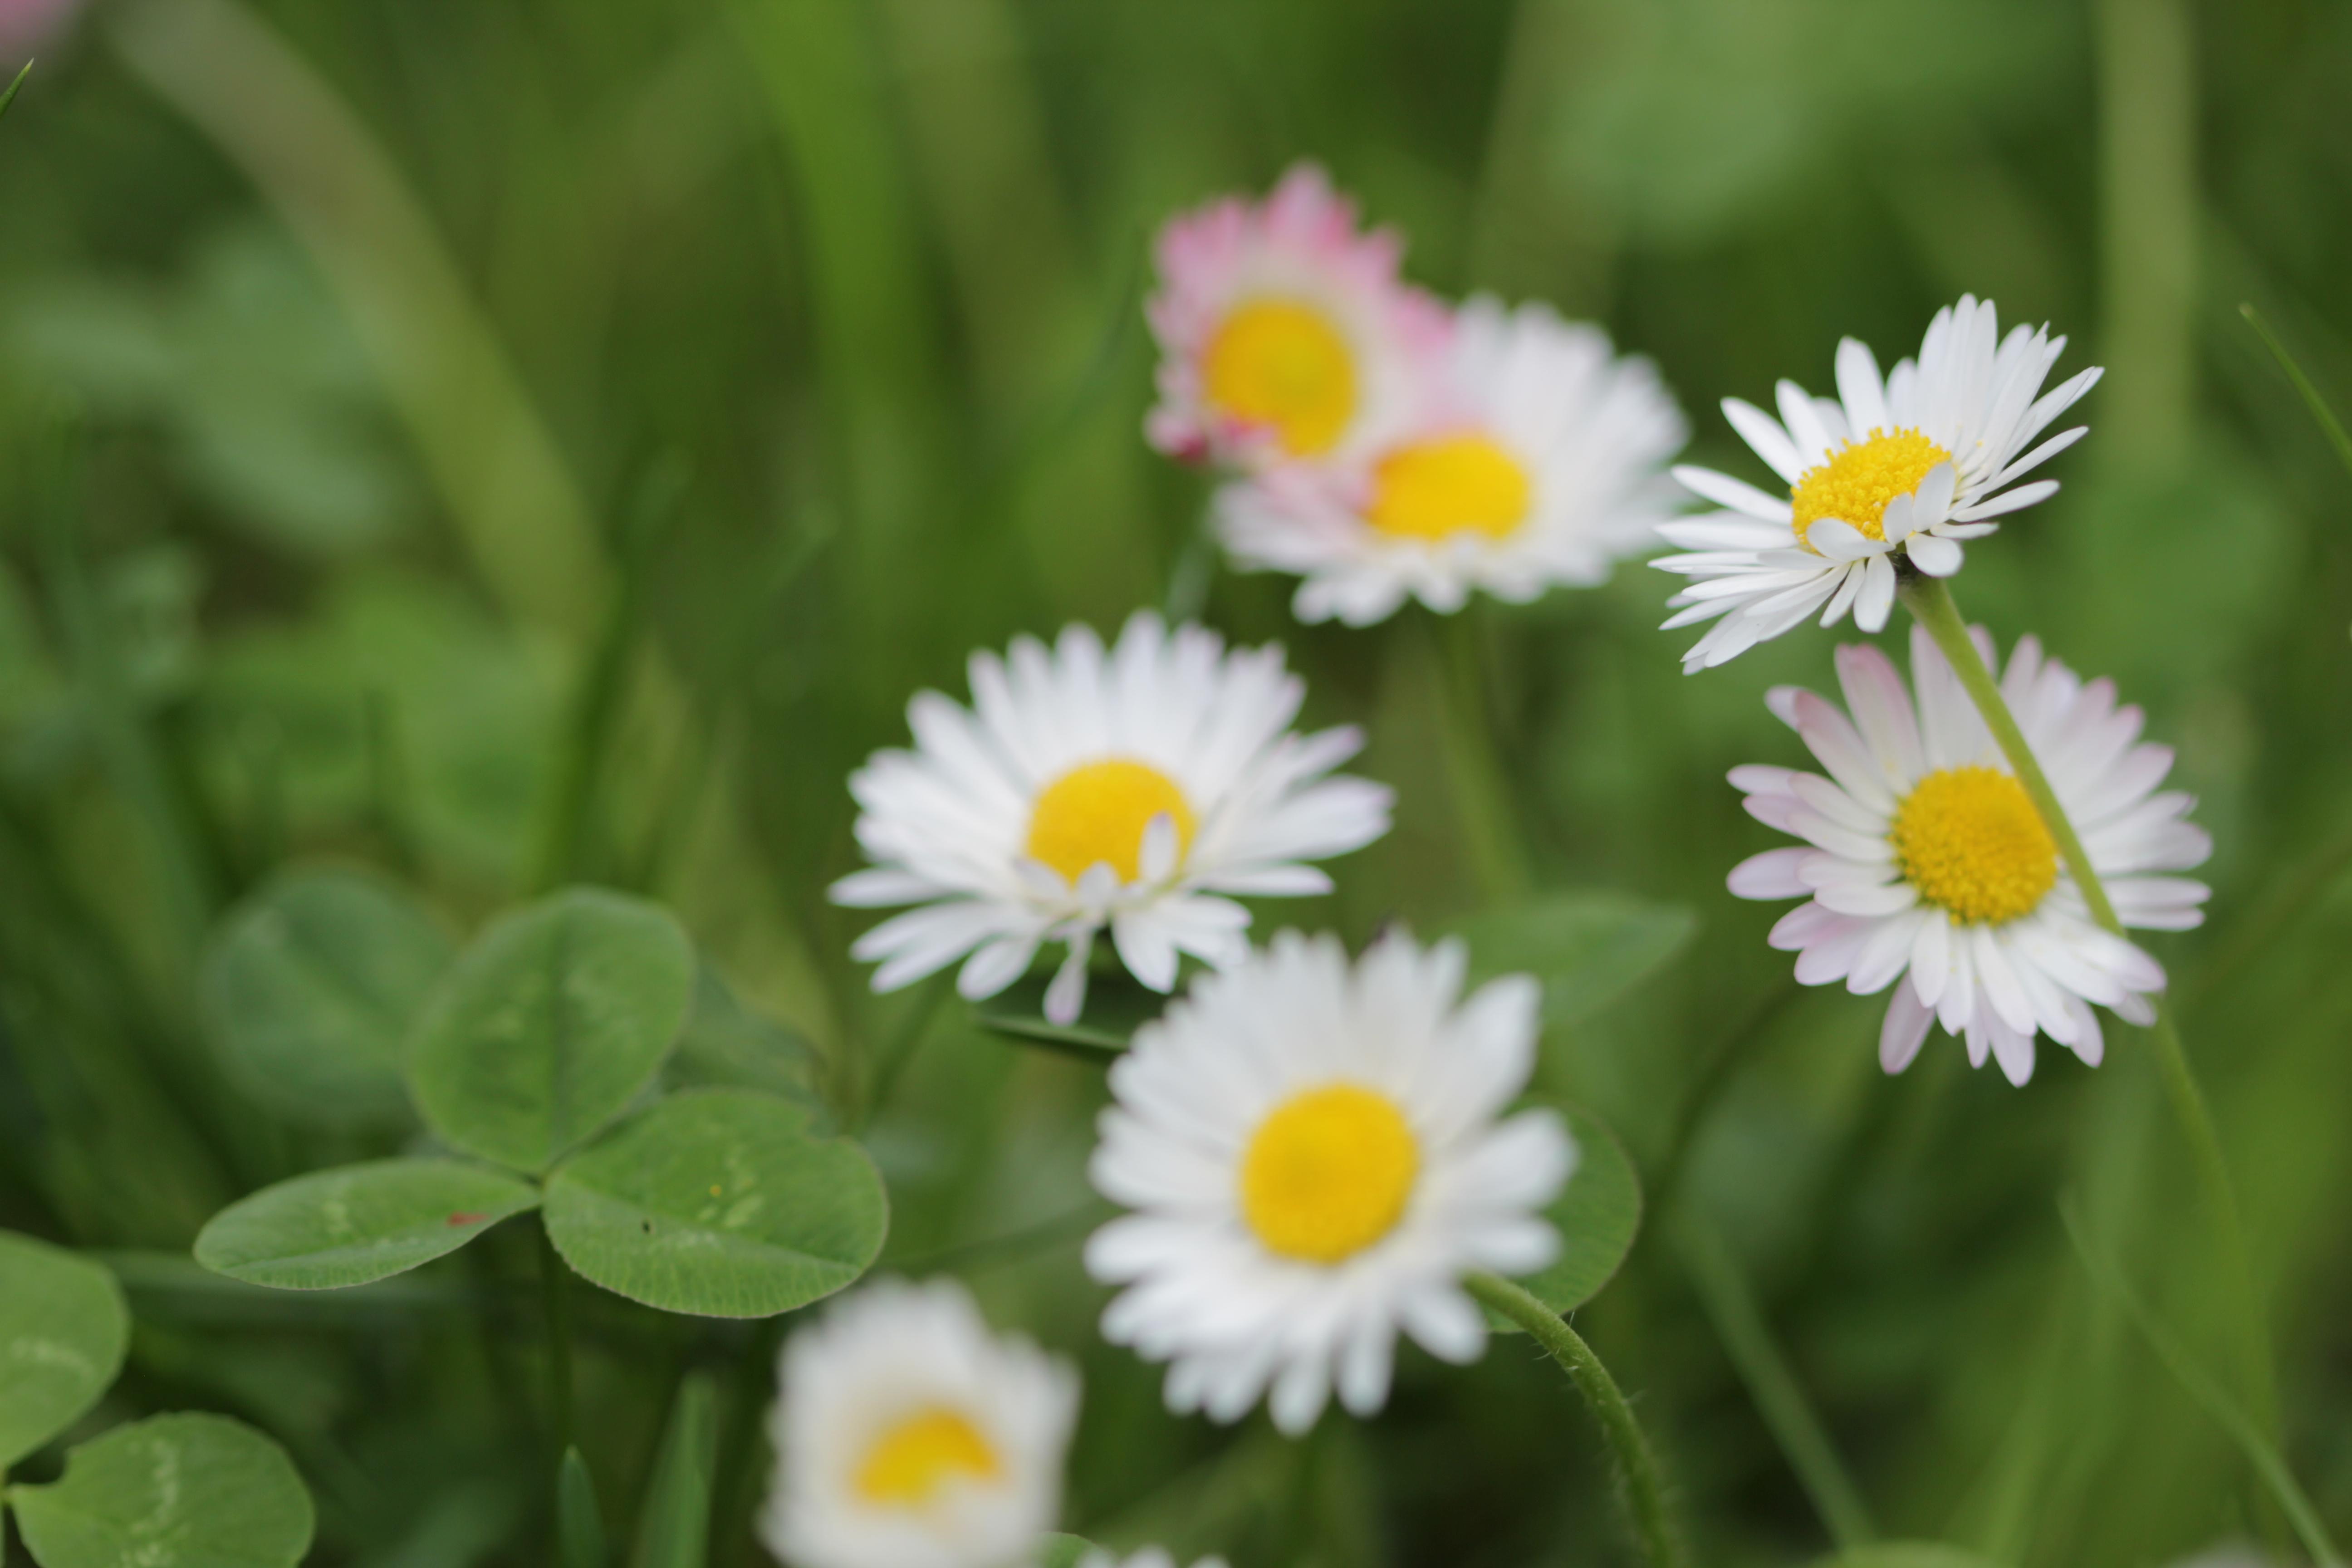 Daisy by Moi-rin